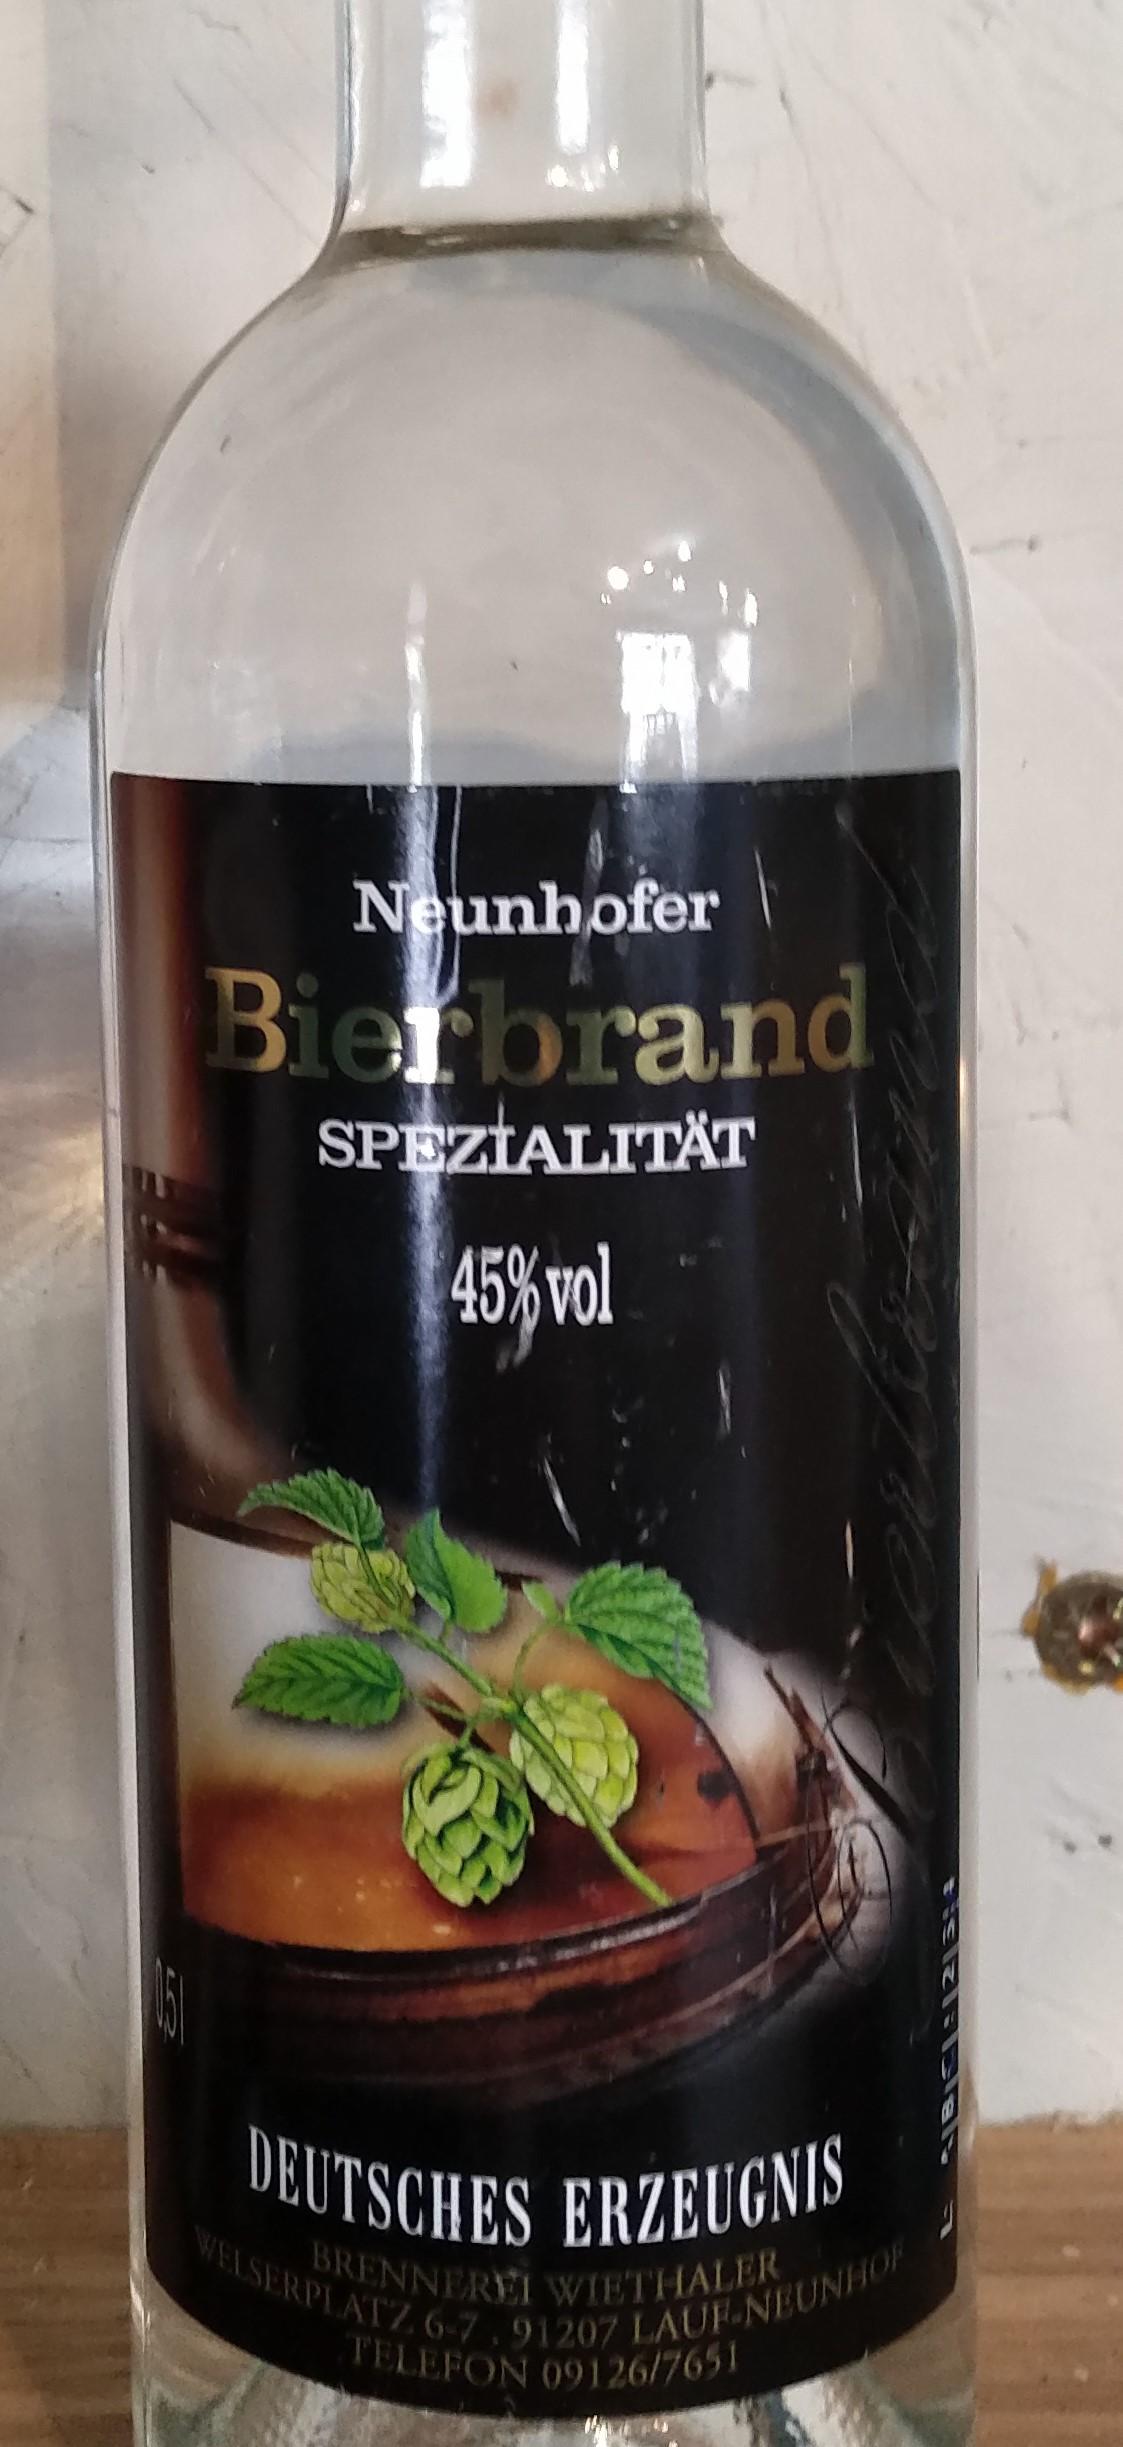 Bierbrand